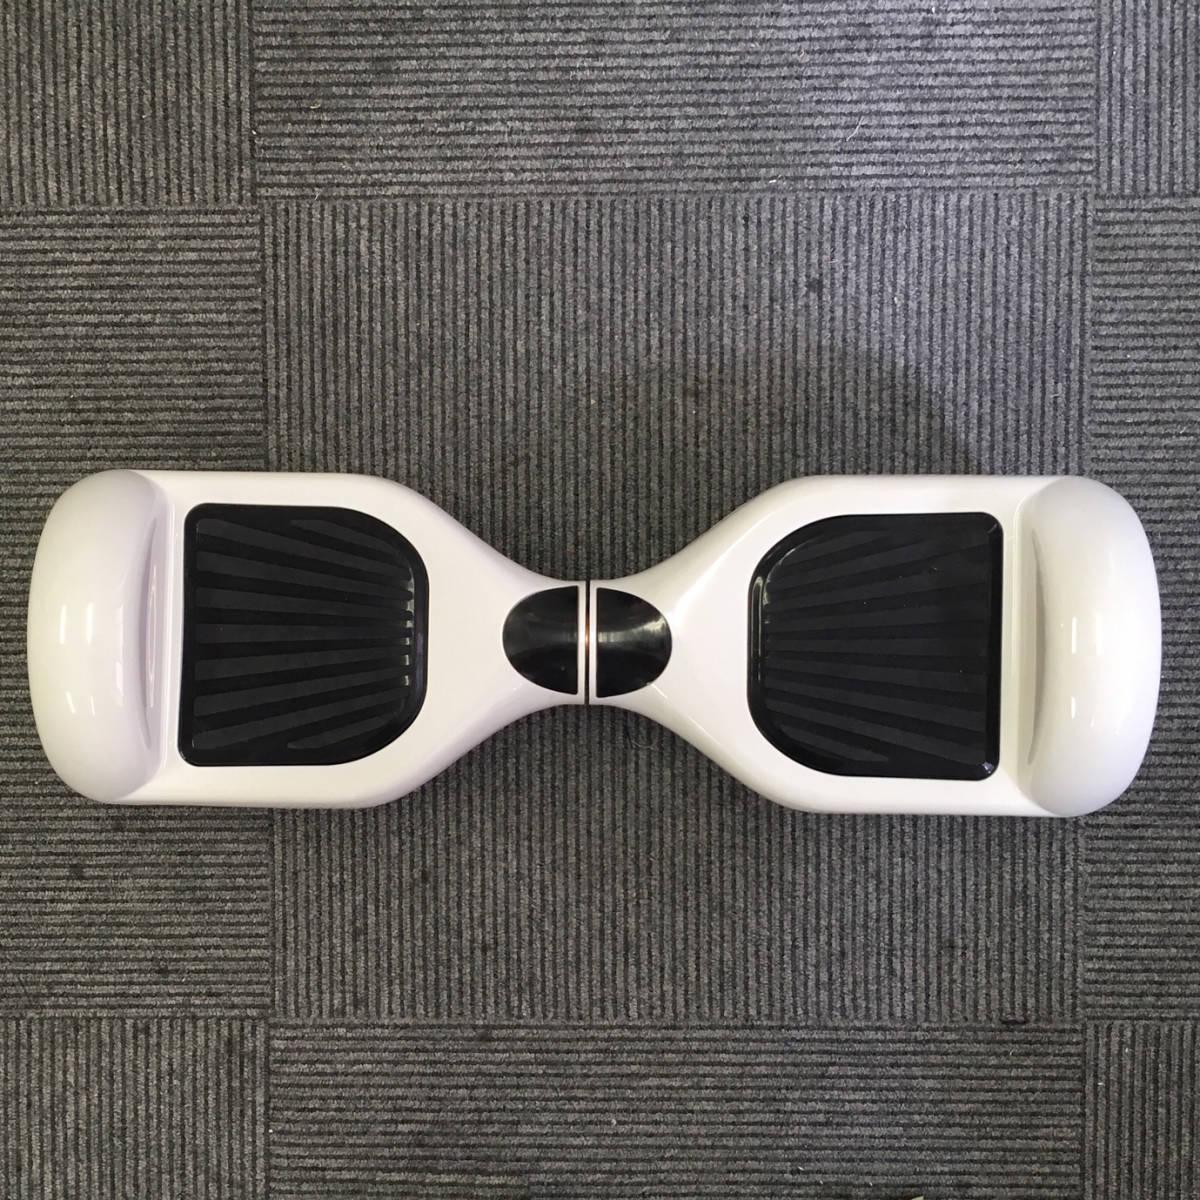 ミニセグウェイ バランススクーター スケートボード スケボー 電動スケートボード バランスボード 電動スクーター ジャンク品 白 OF_画像2